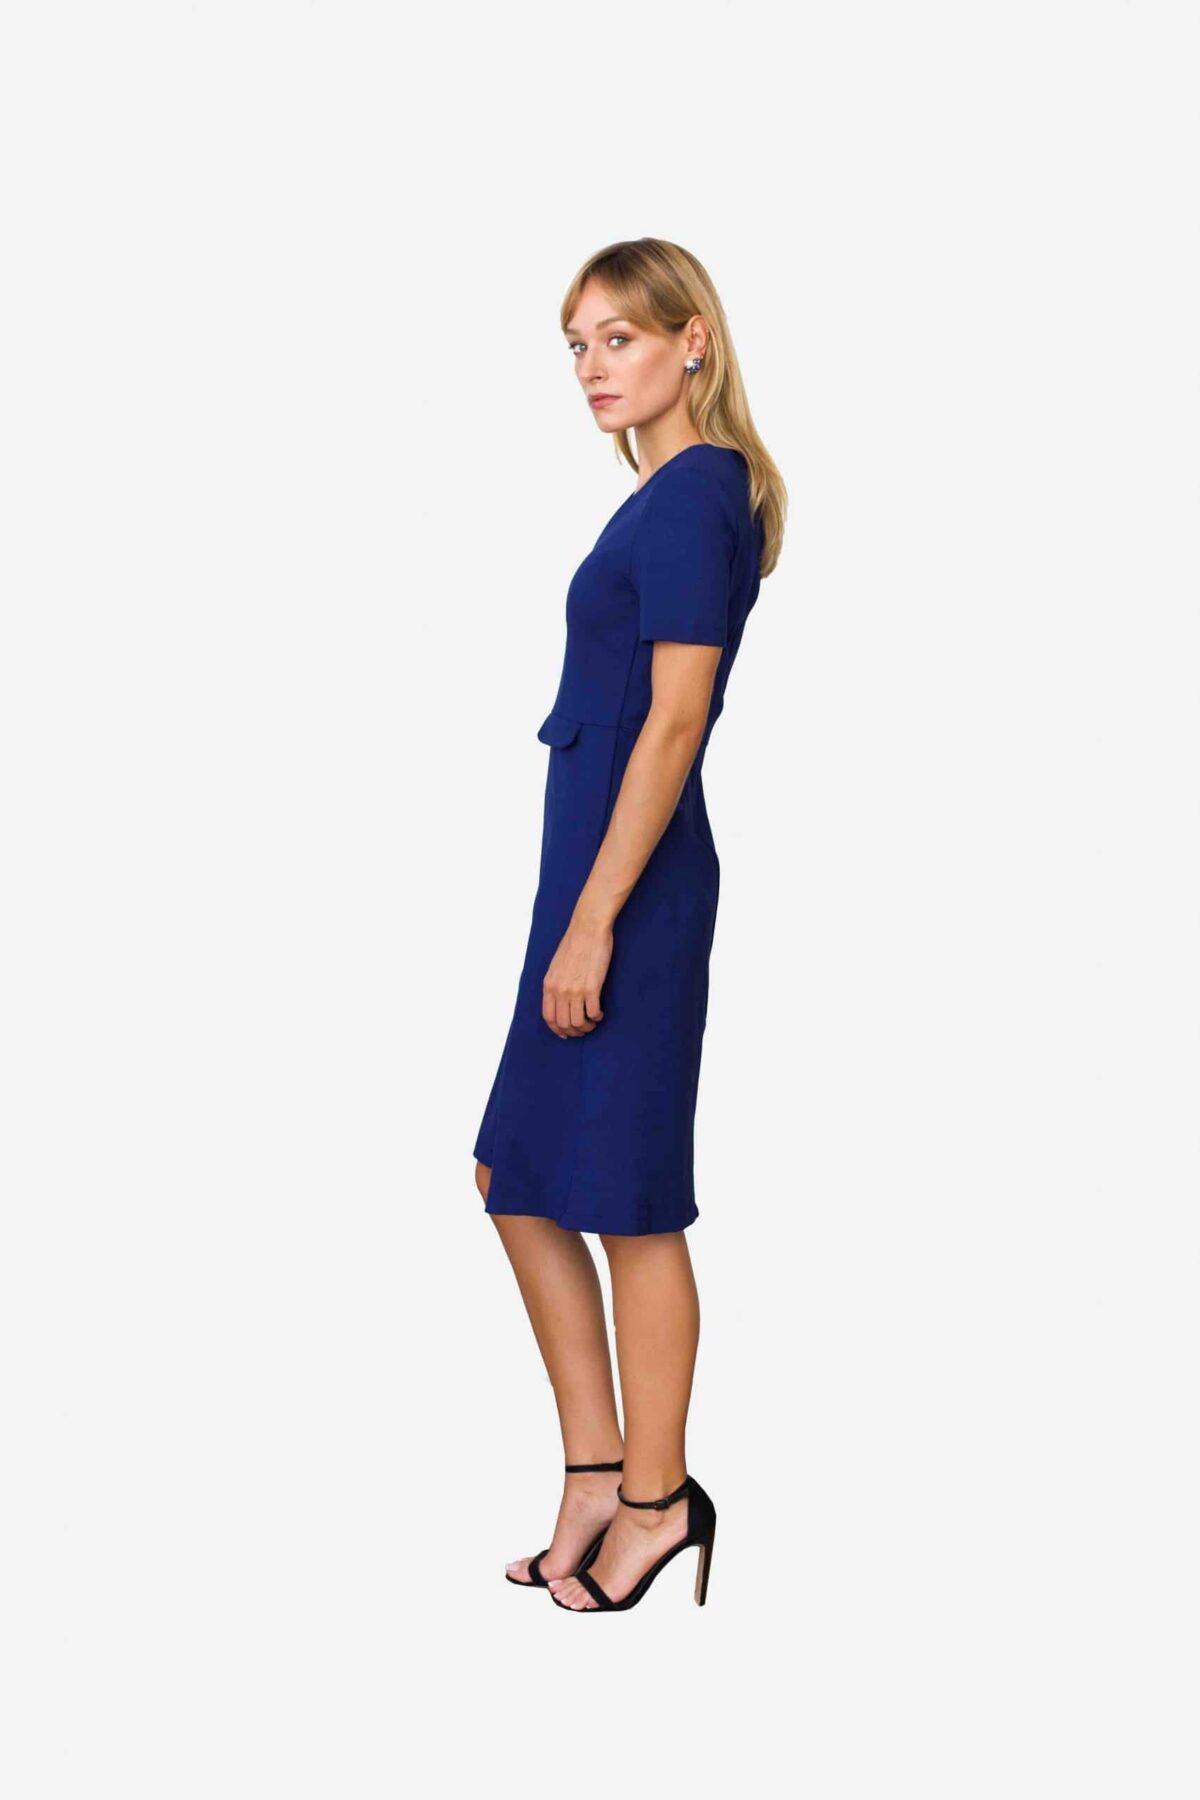 Kleid von SANOGE für das perfekte Business Outfit. Elegante Passform